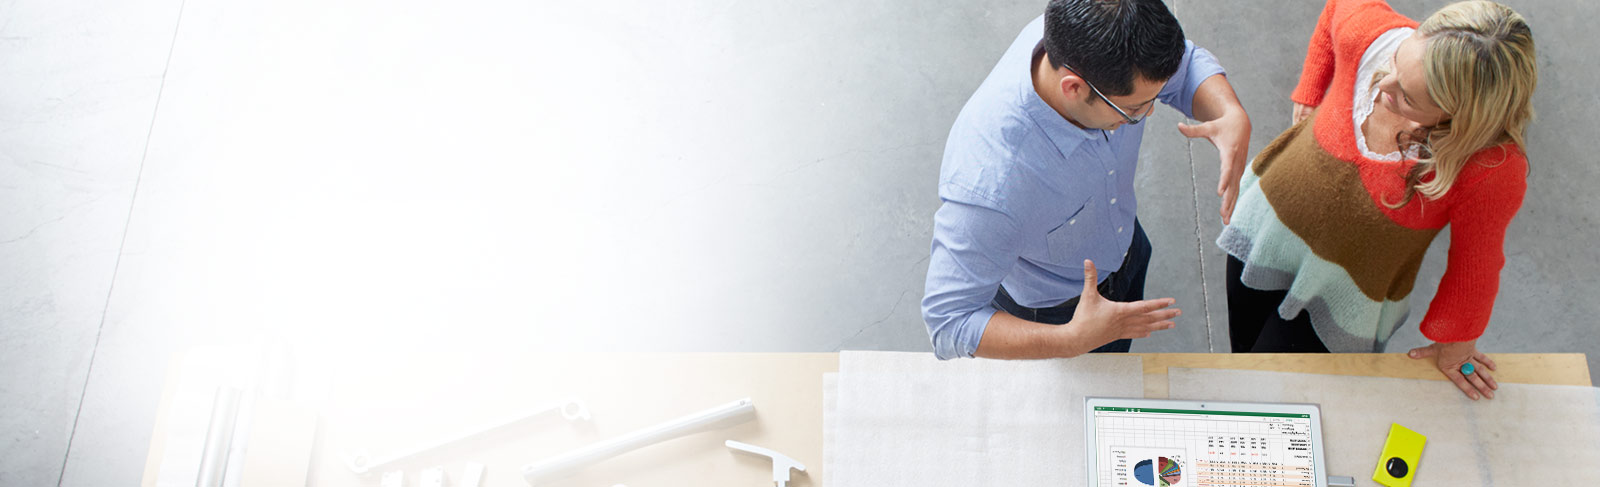 Un homme et une femme devant une table à dessin sur laquelle est posée une tablette exécutant Office365 ProPlus.